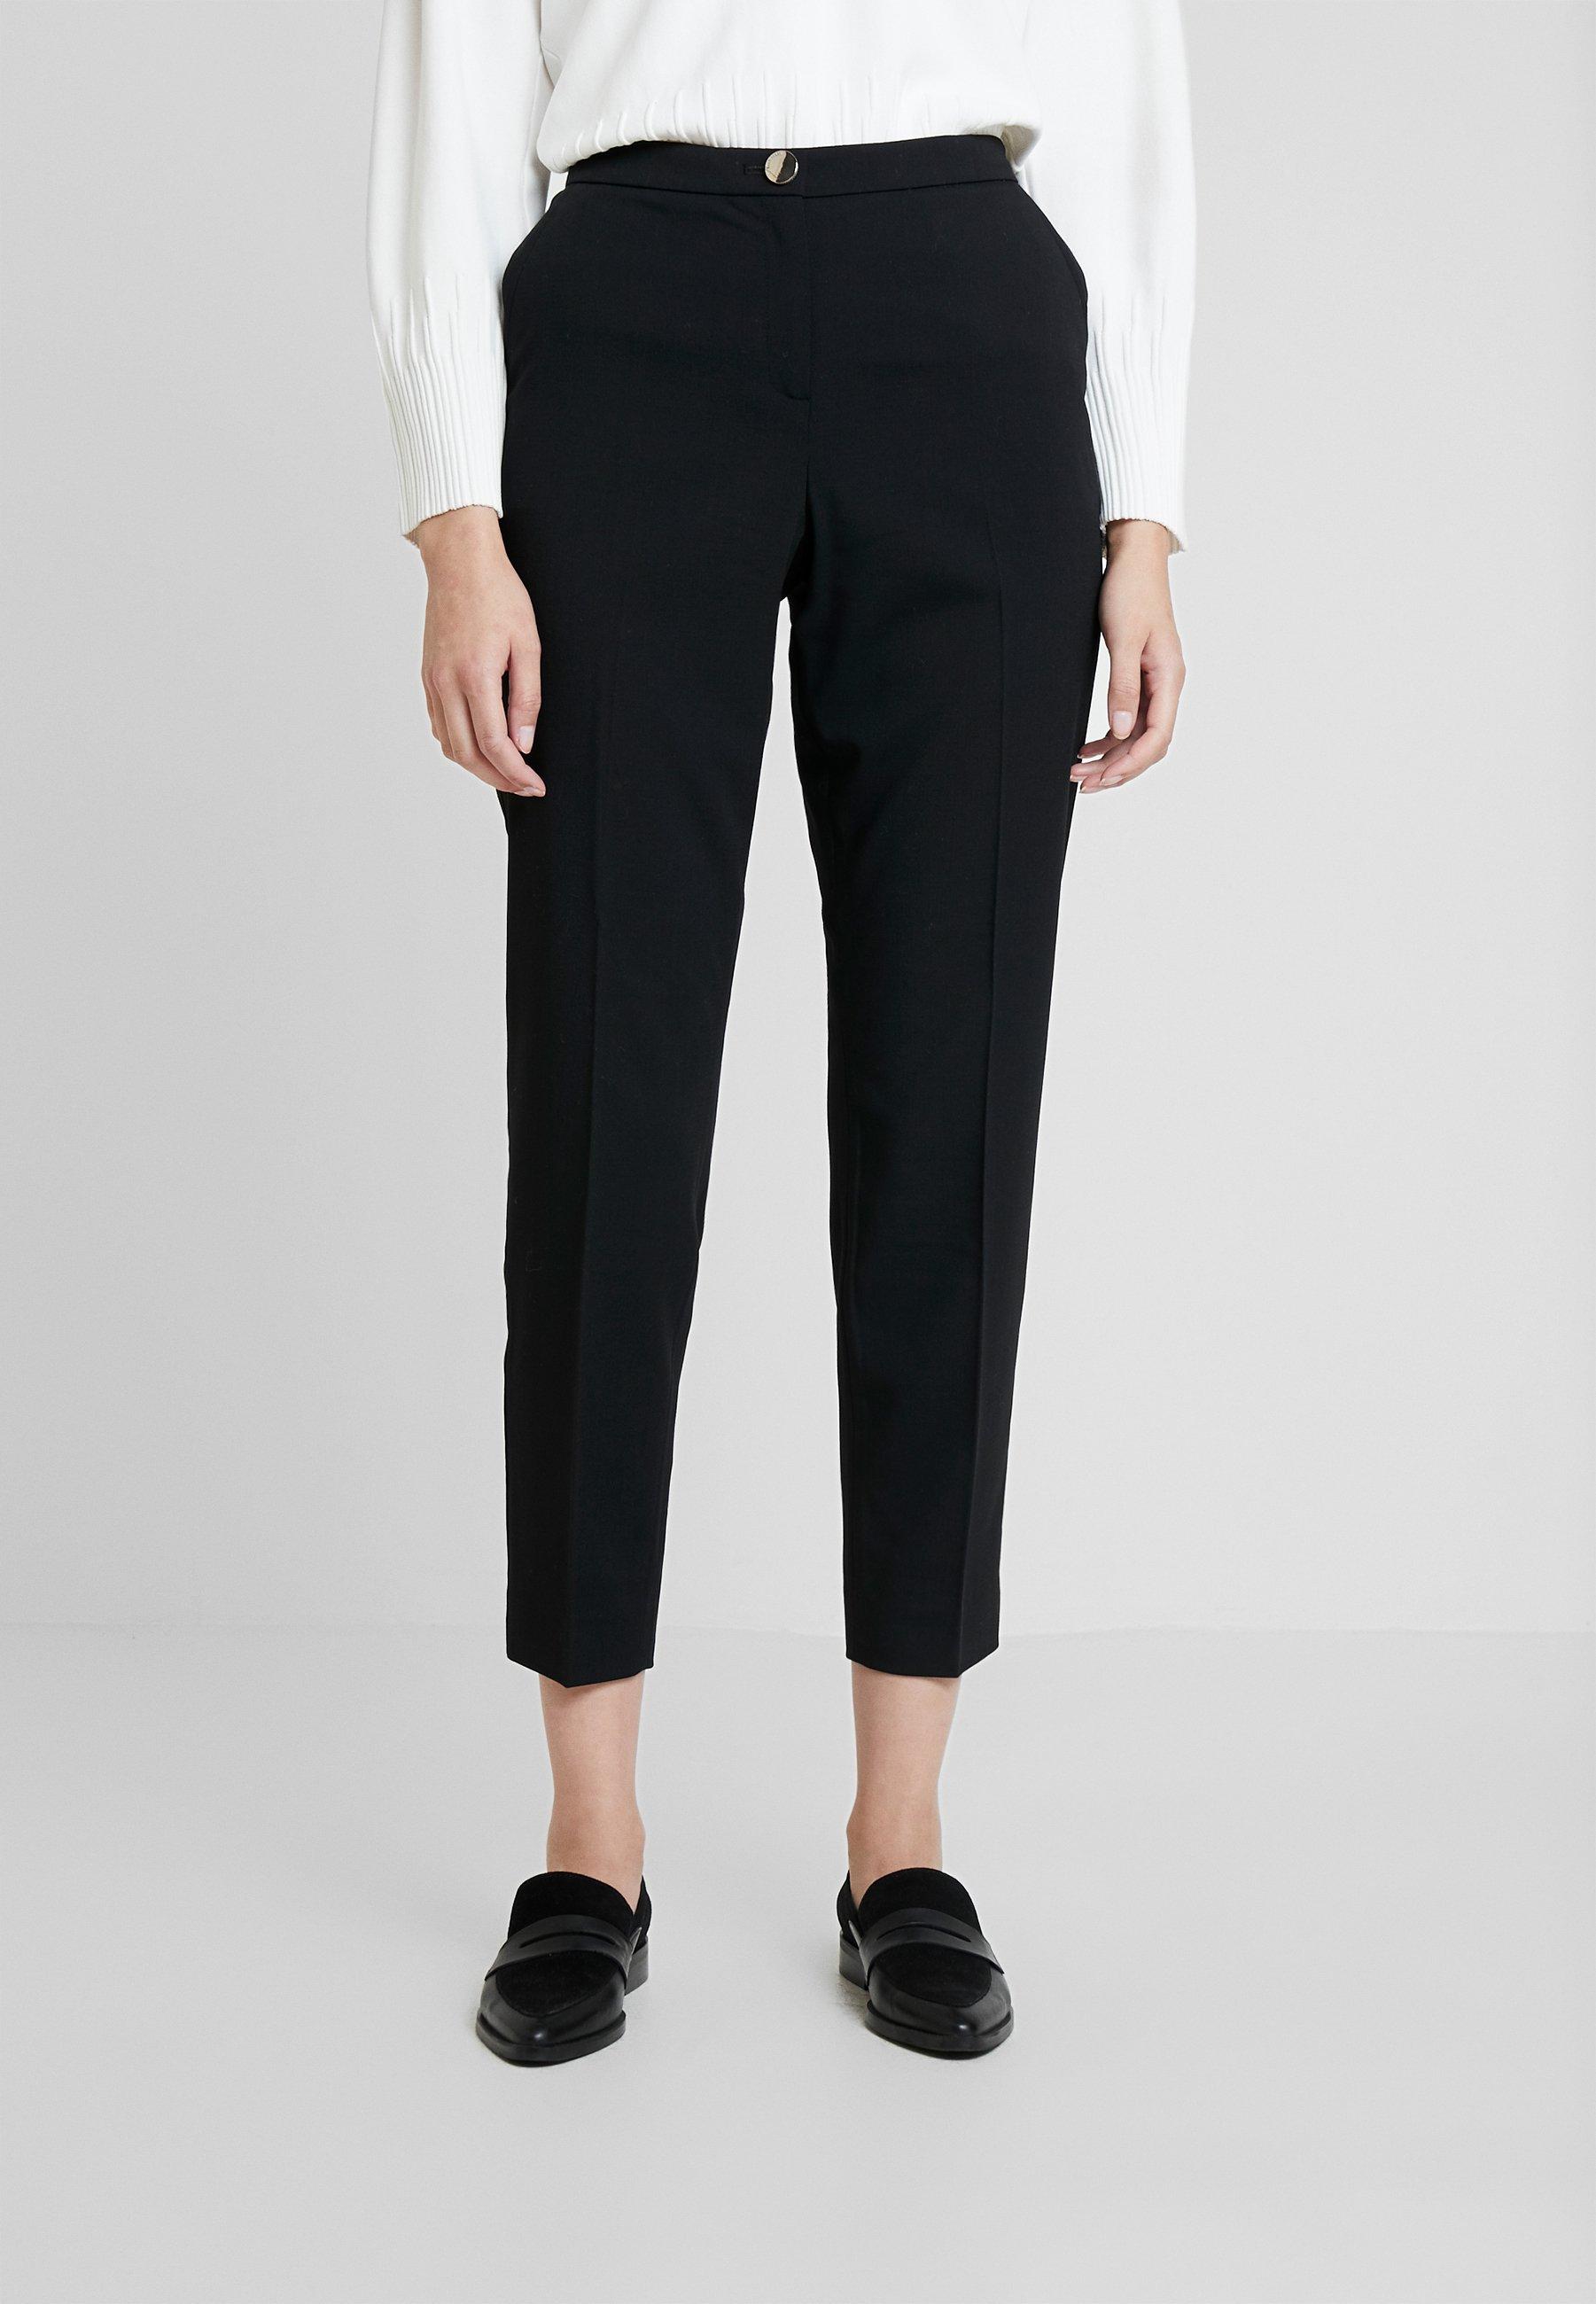 Classique Ted Salotet Baker TrouserPantalon Black Suit 8wNmn0